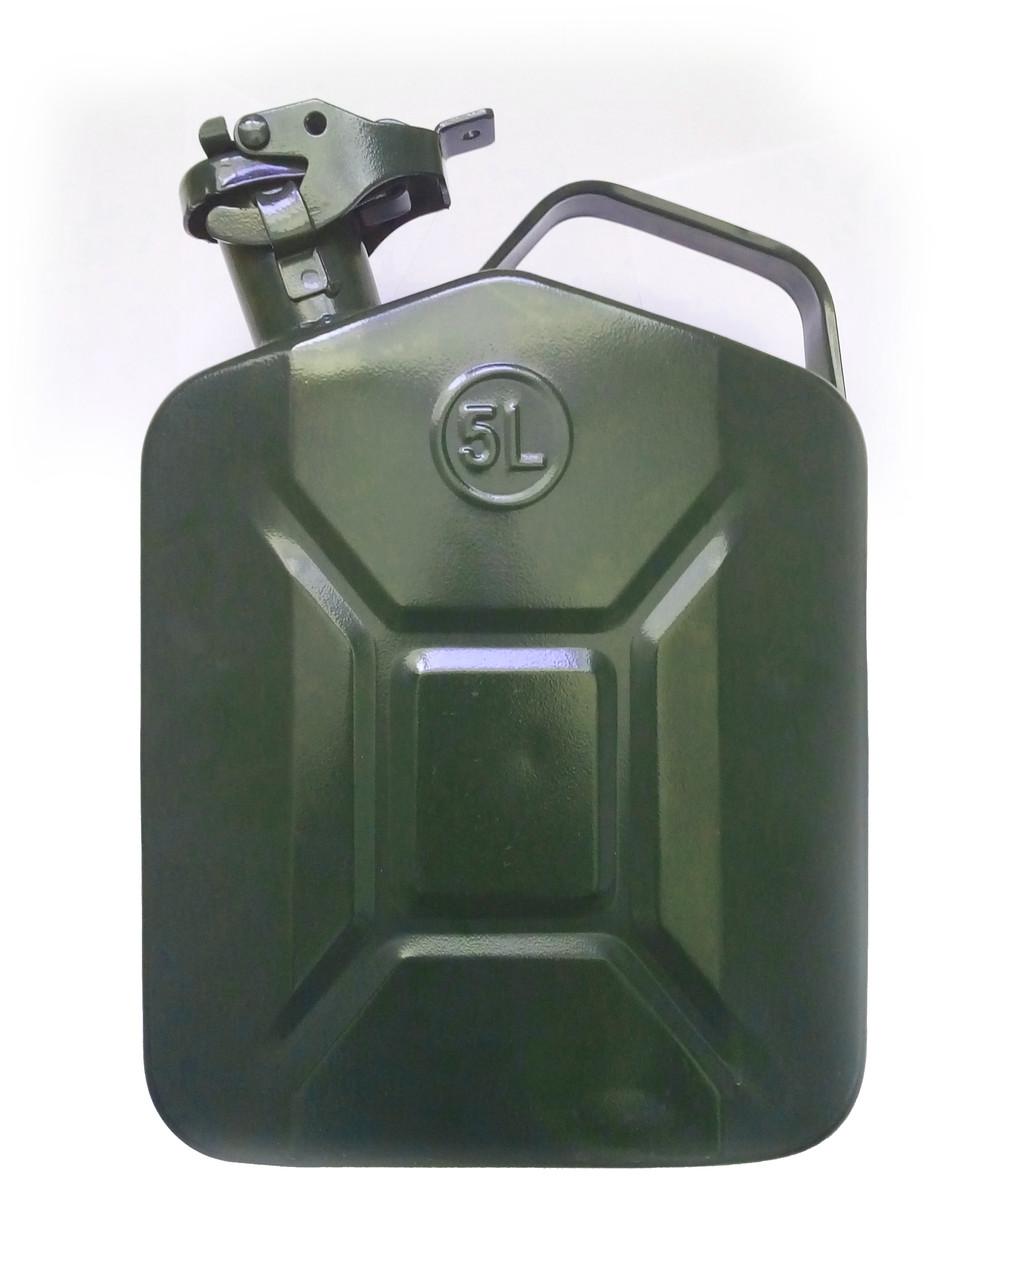 Металлическая канистра EcoKraft, 5 л   купить алюминиевую канистру 5 литров